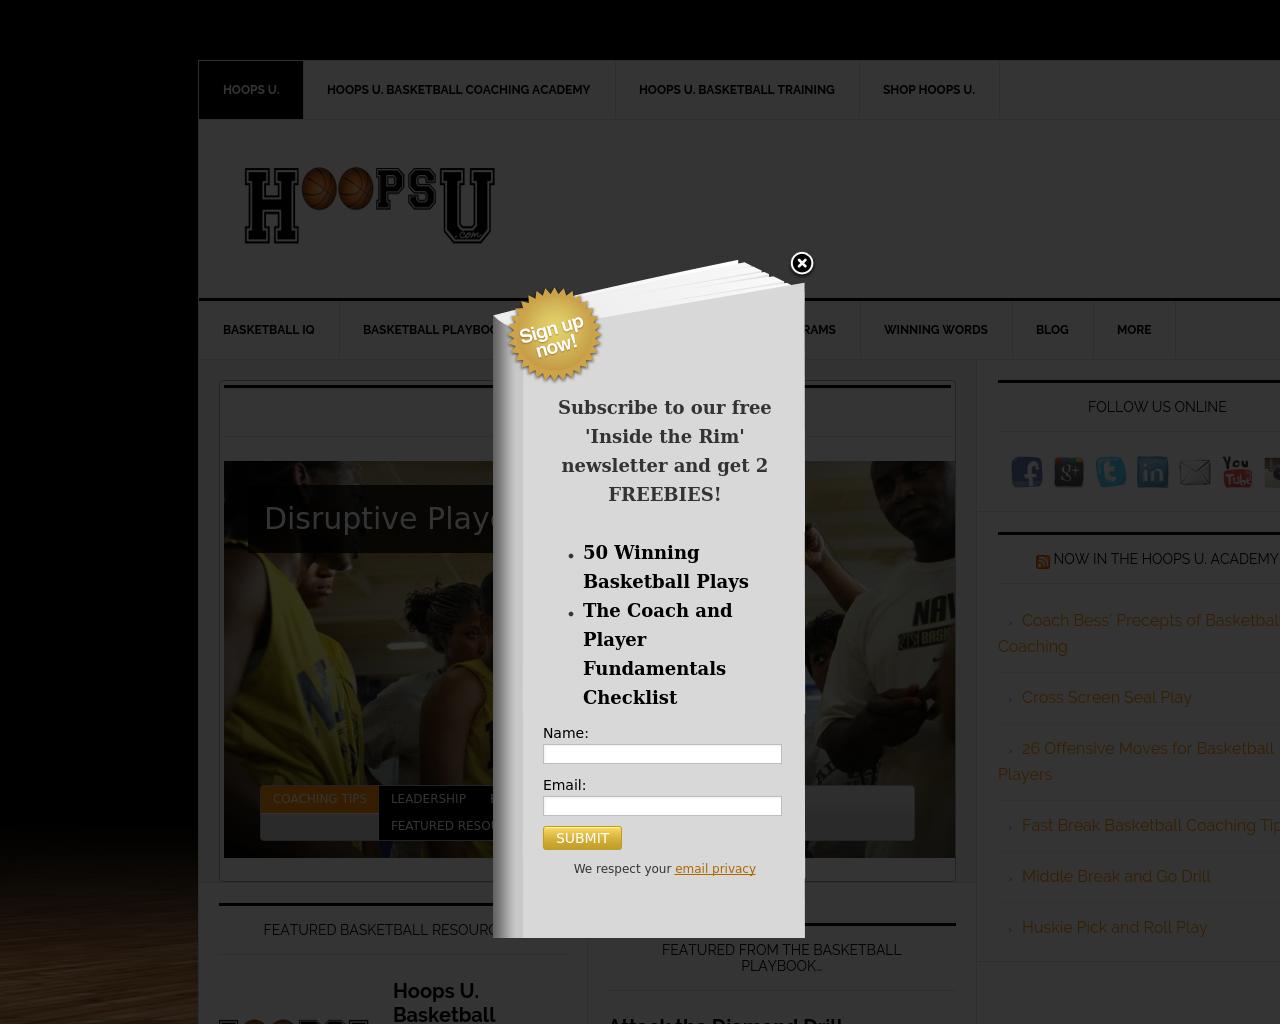 Hoops-U-Advertising-Reviews-Pricing